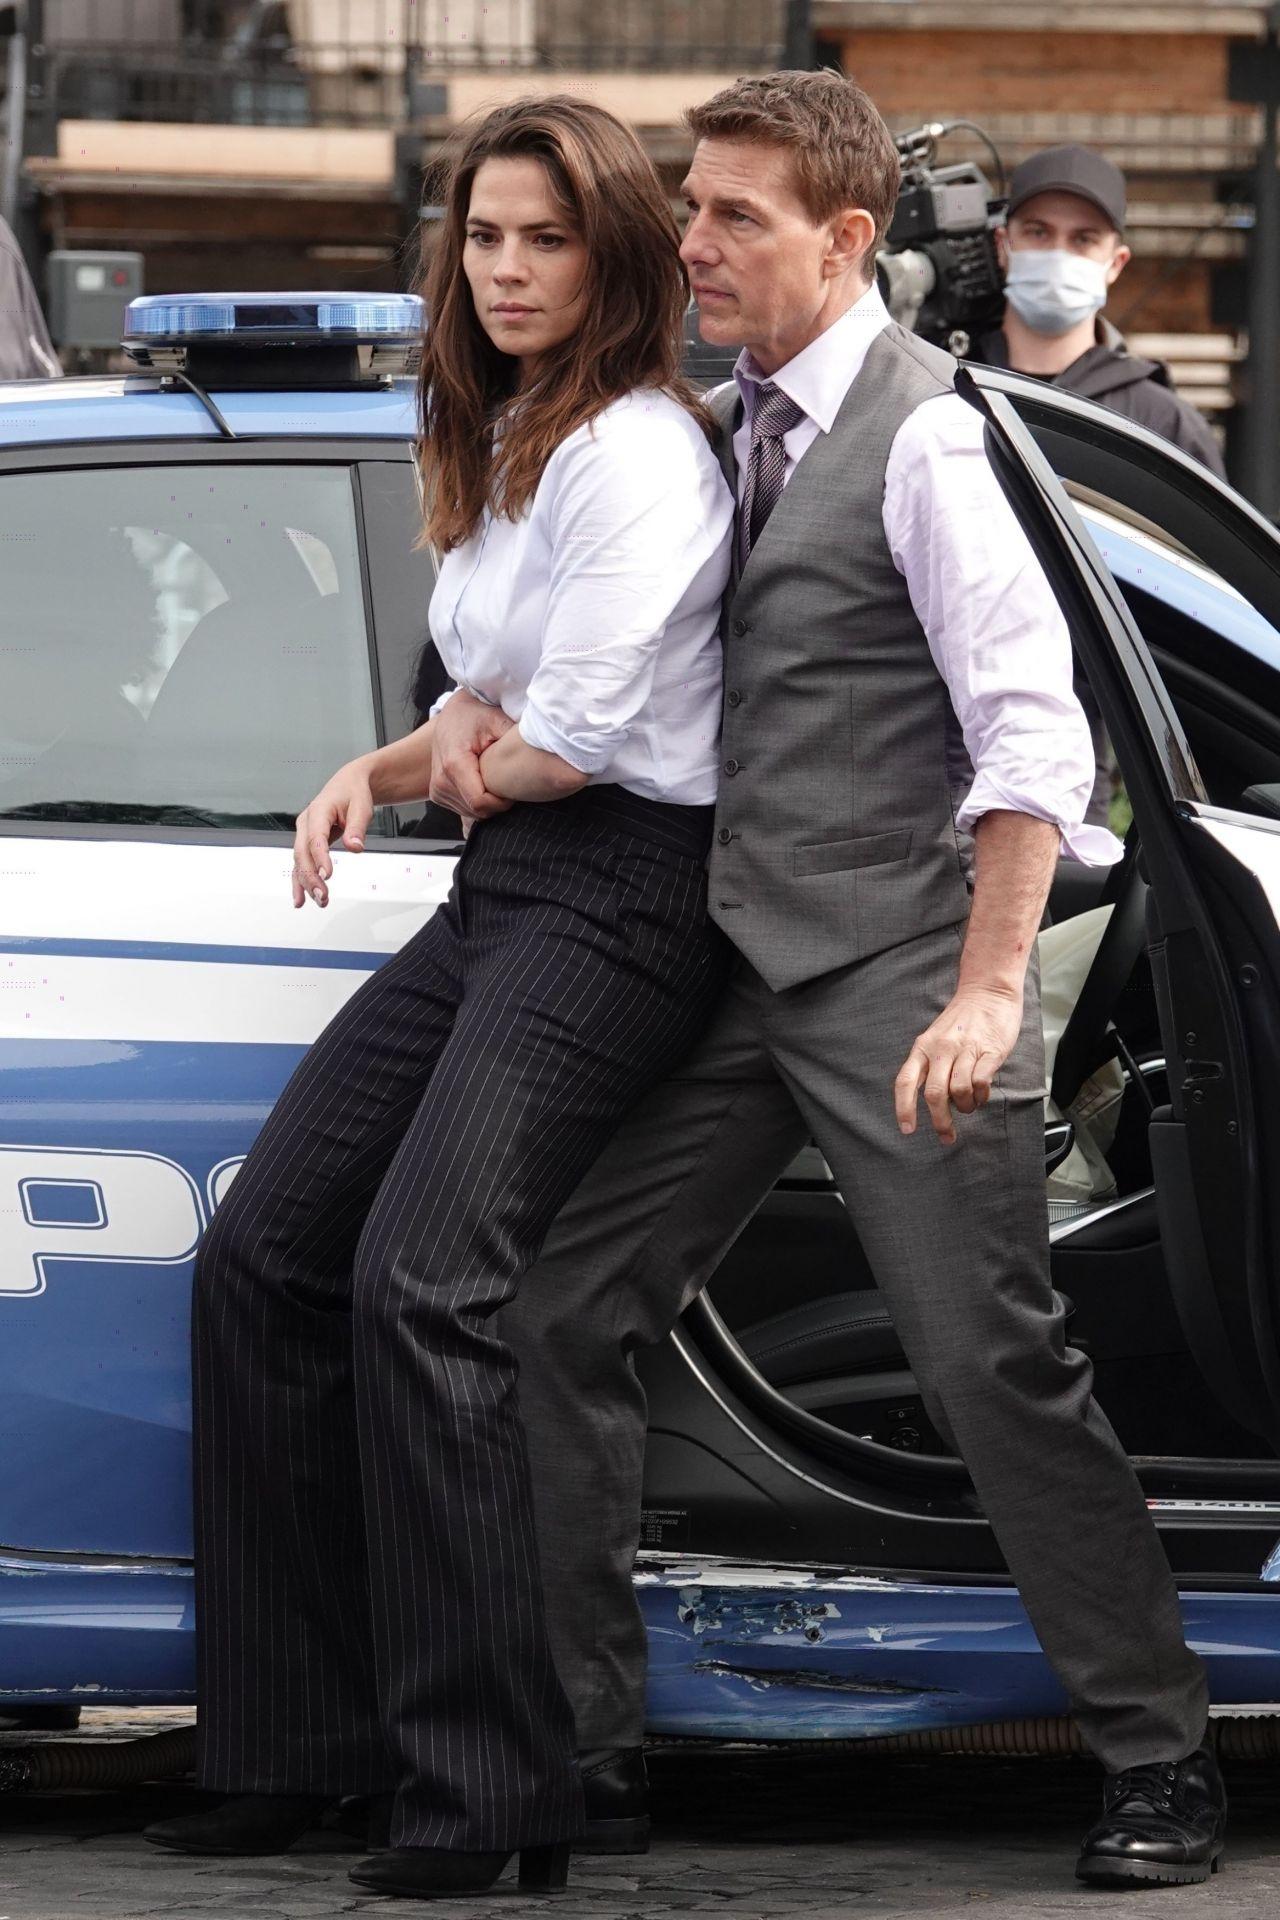 Tom Cruise y Hayley Attwell han filmado escenas de Mission: Impossible 7 (2021) en Roma, Italia. Imagen: CelebMafia